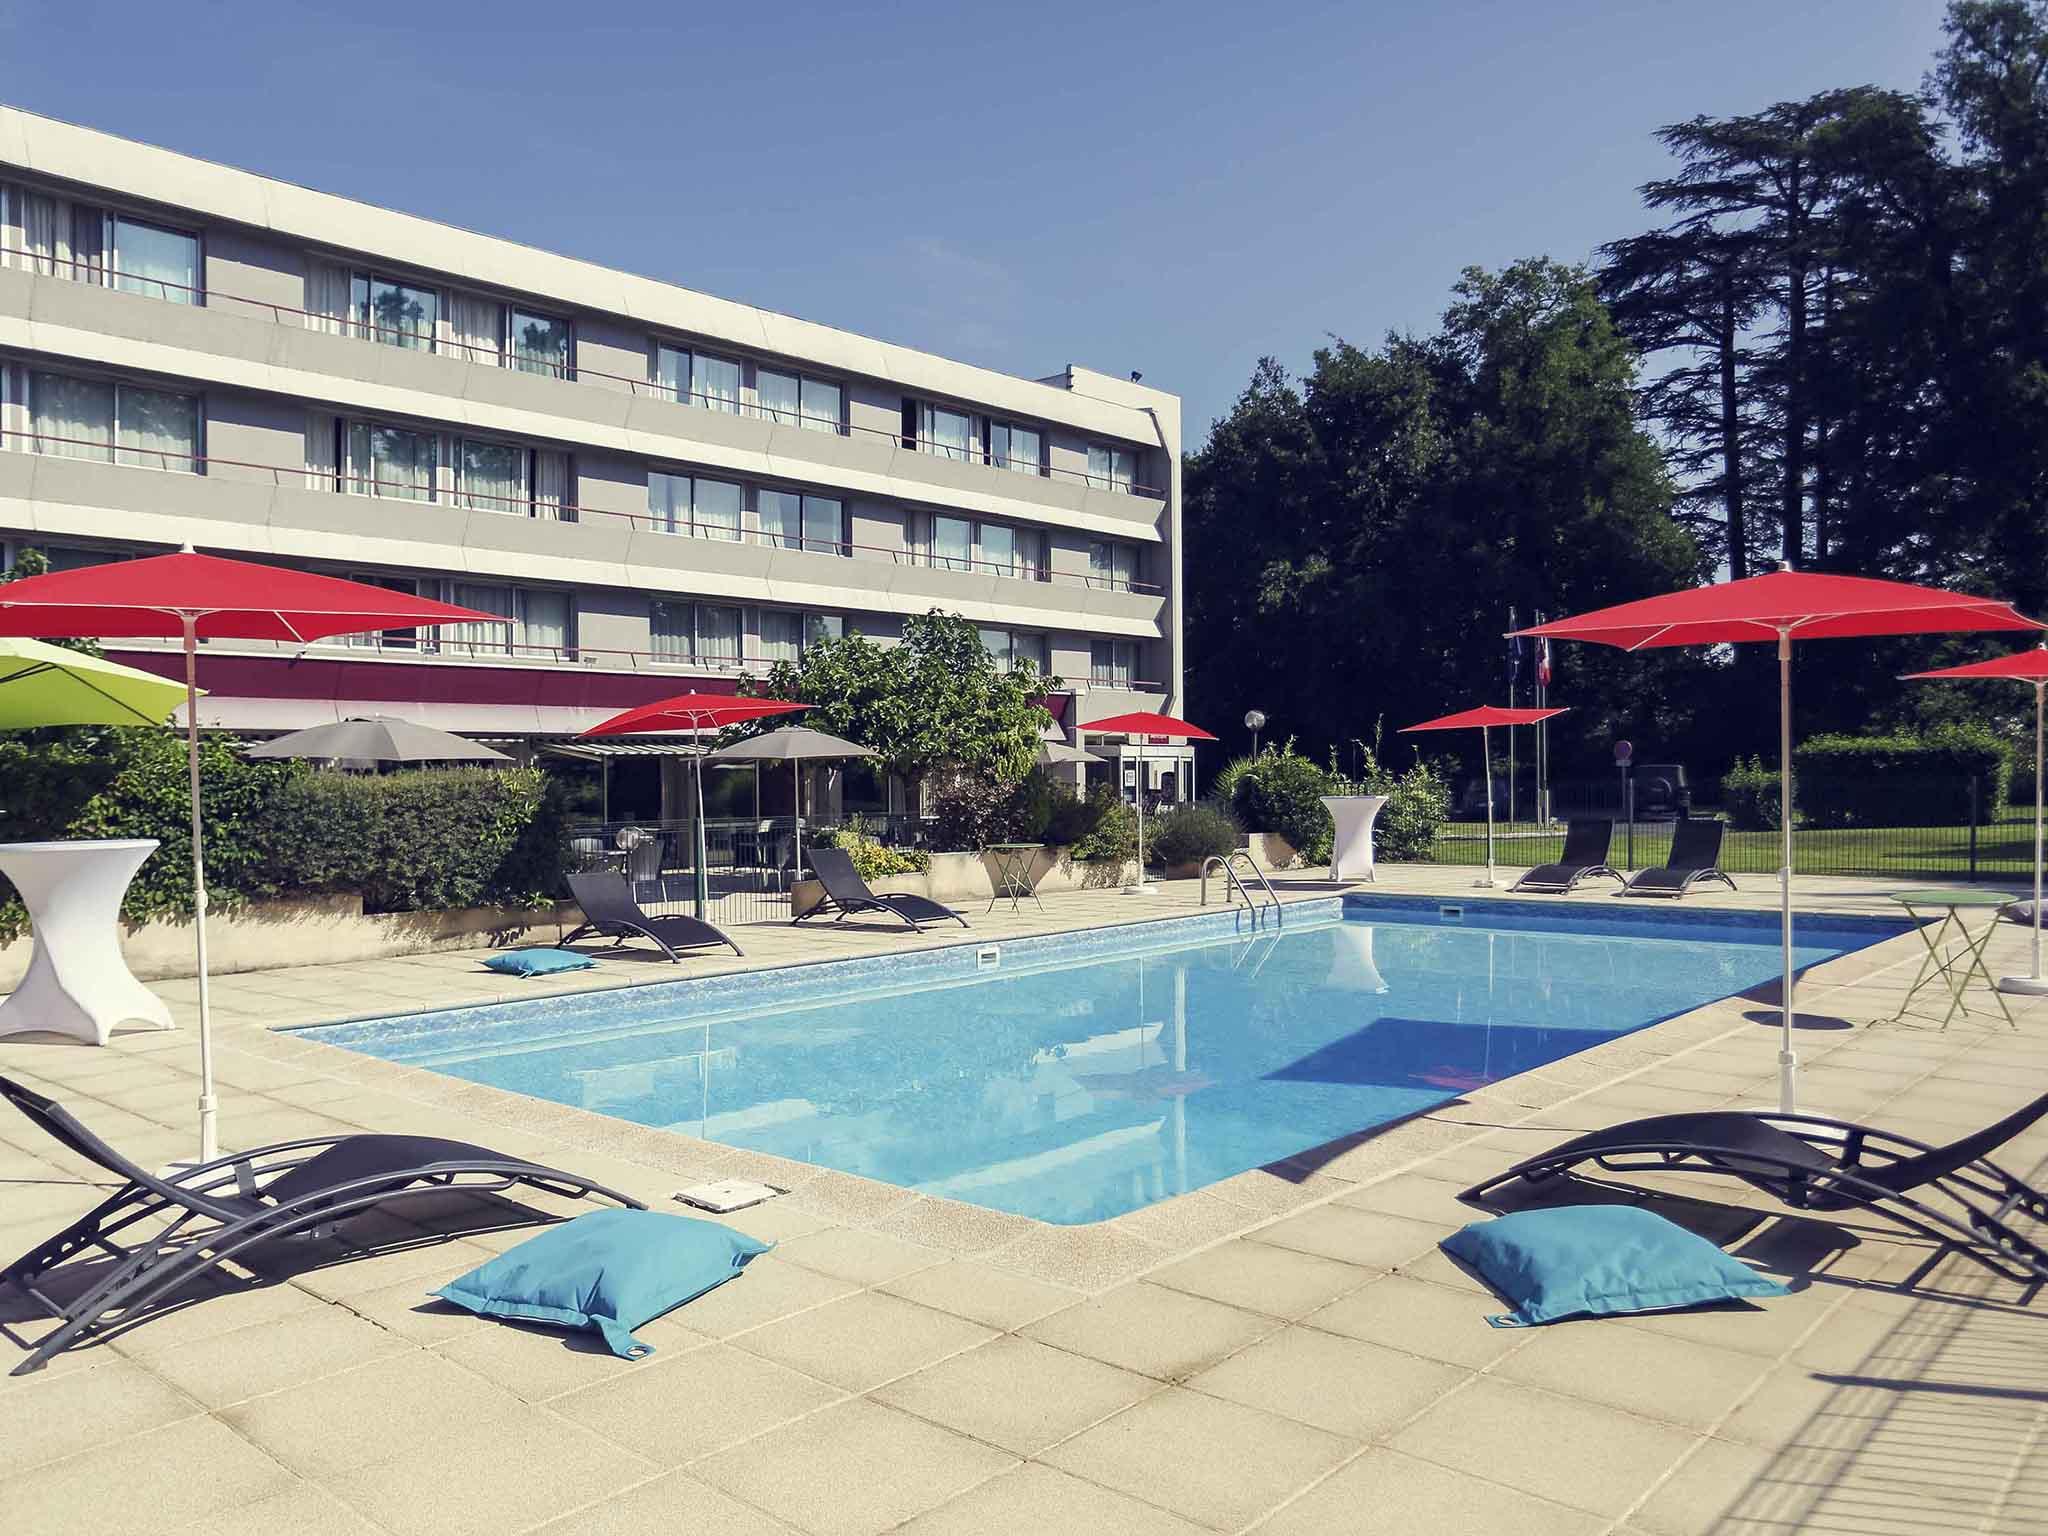 Hotel – Hotel Mercure Brive